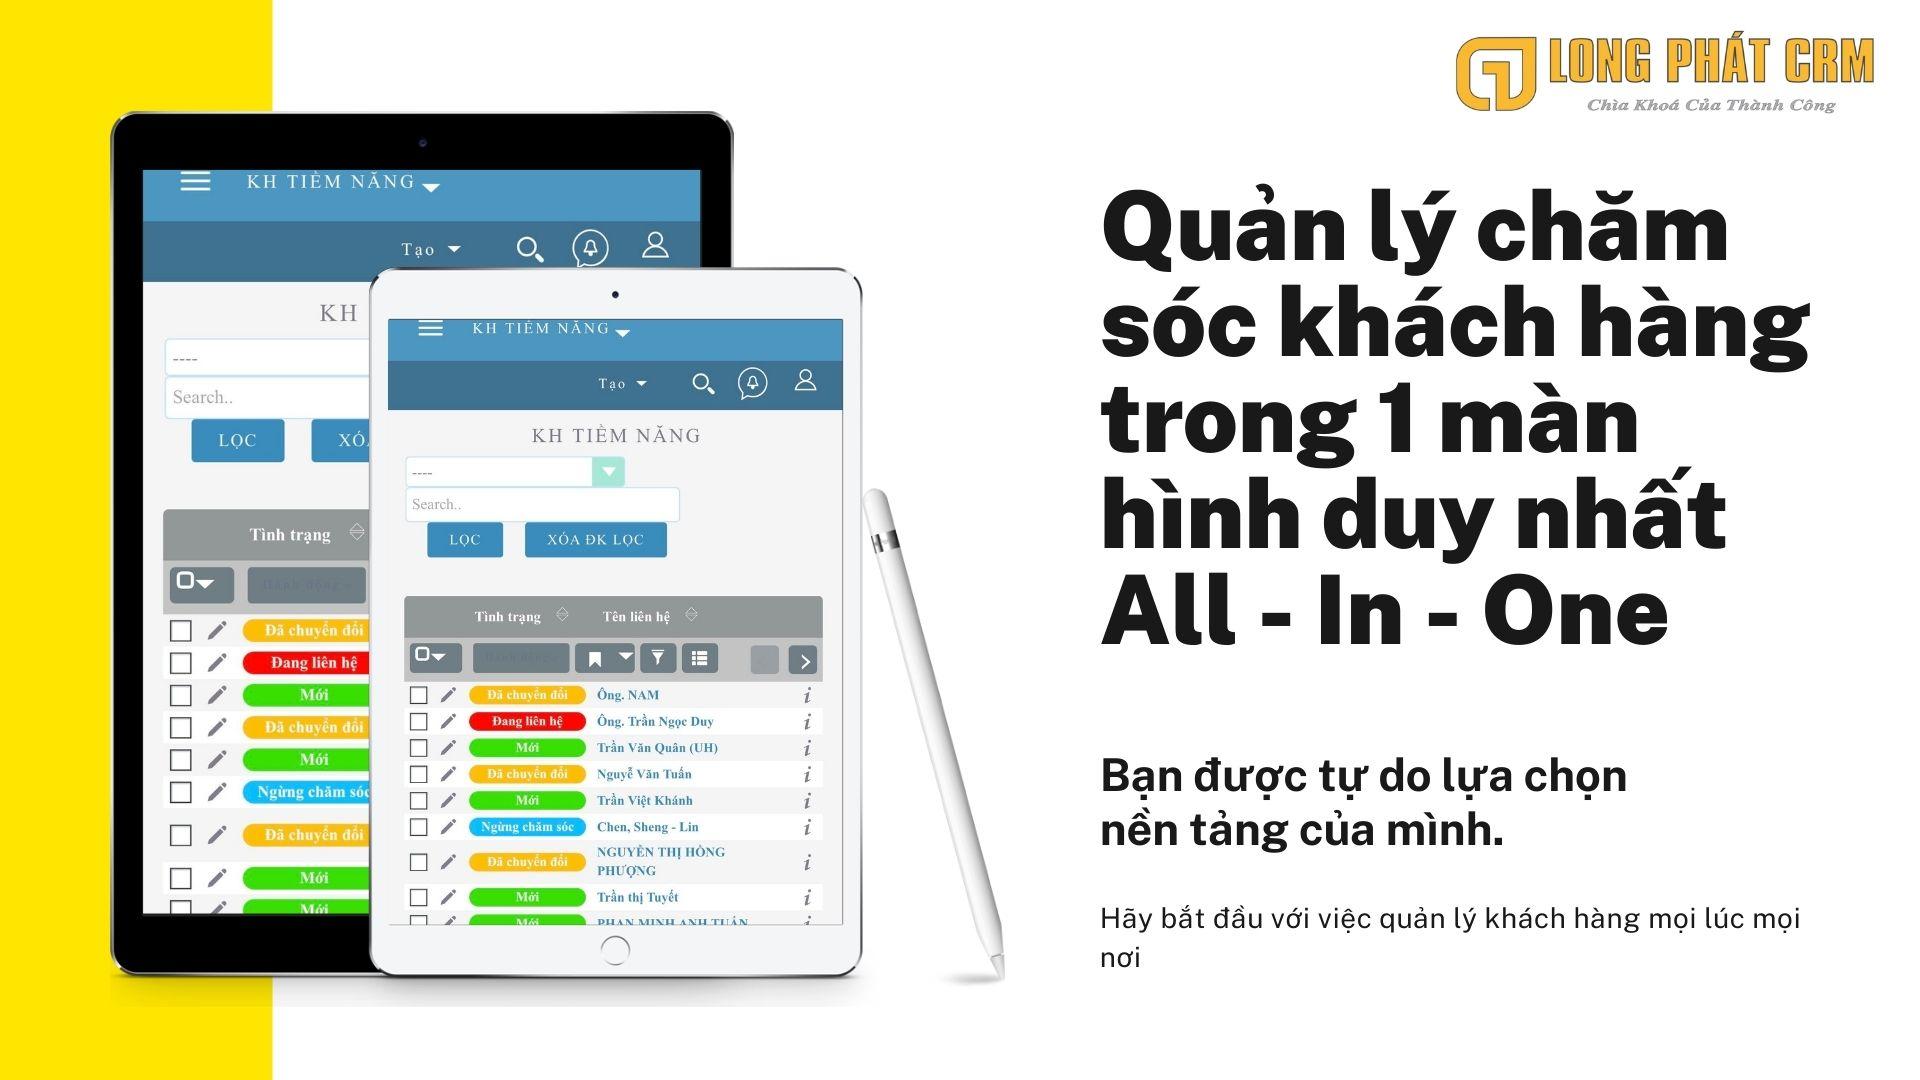 phần mềm quản lý khách hàng crm trên điện thoại